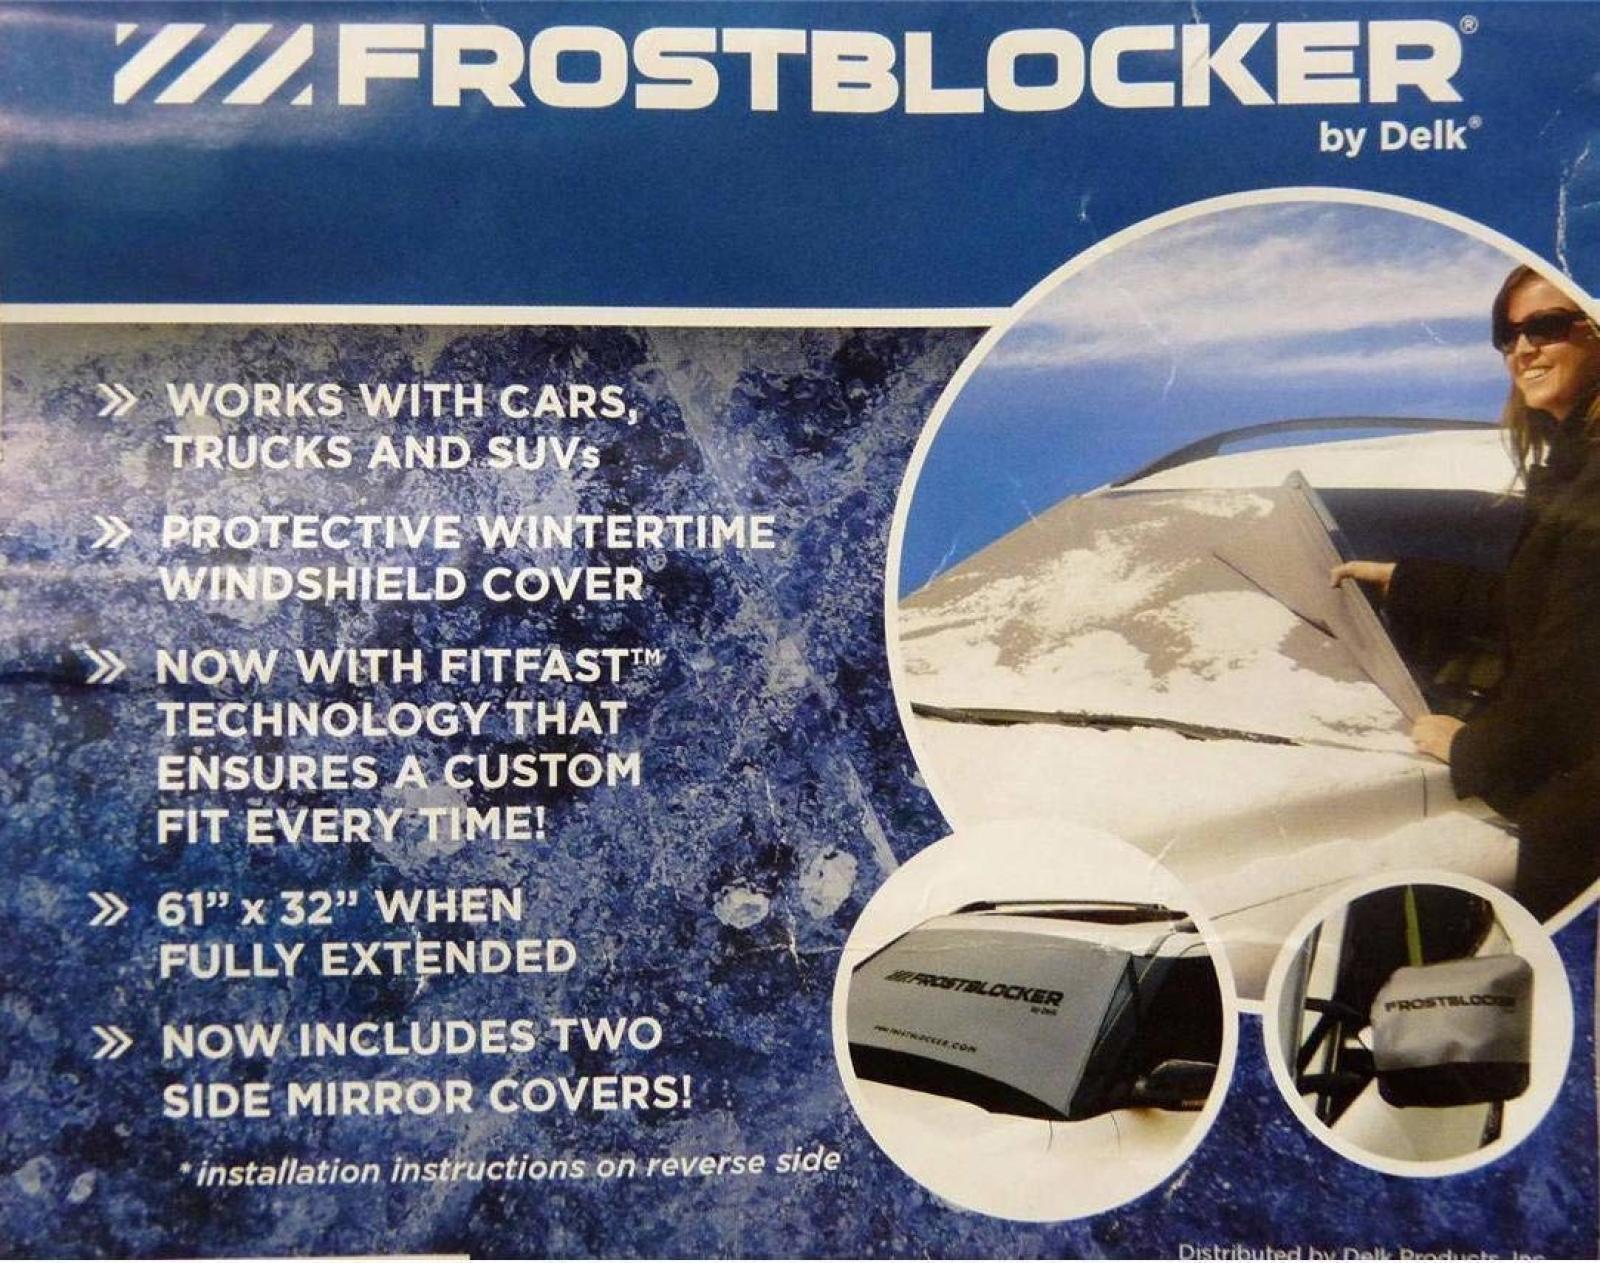 molte sorprese Parabrezza Gelo Ghiaccio Cover Frost Blocker Blocker Blocker + PLUS GRATIS RETROVISORI copre BONUS     una marca di lusso